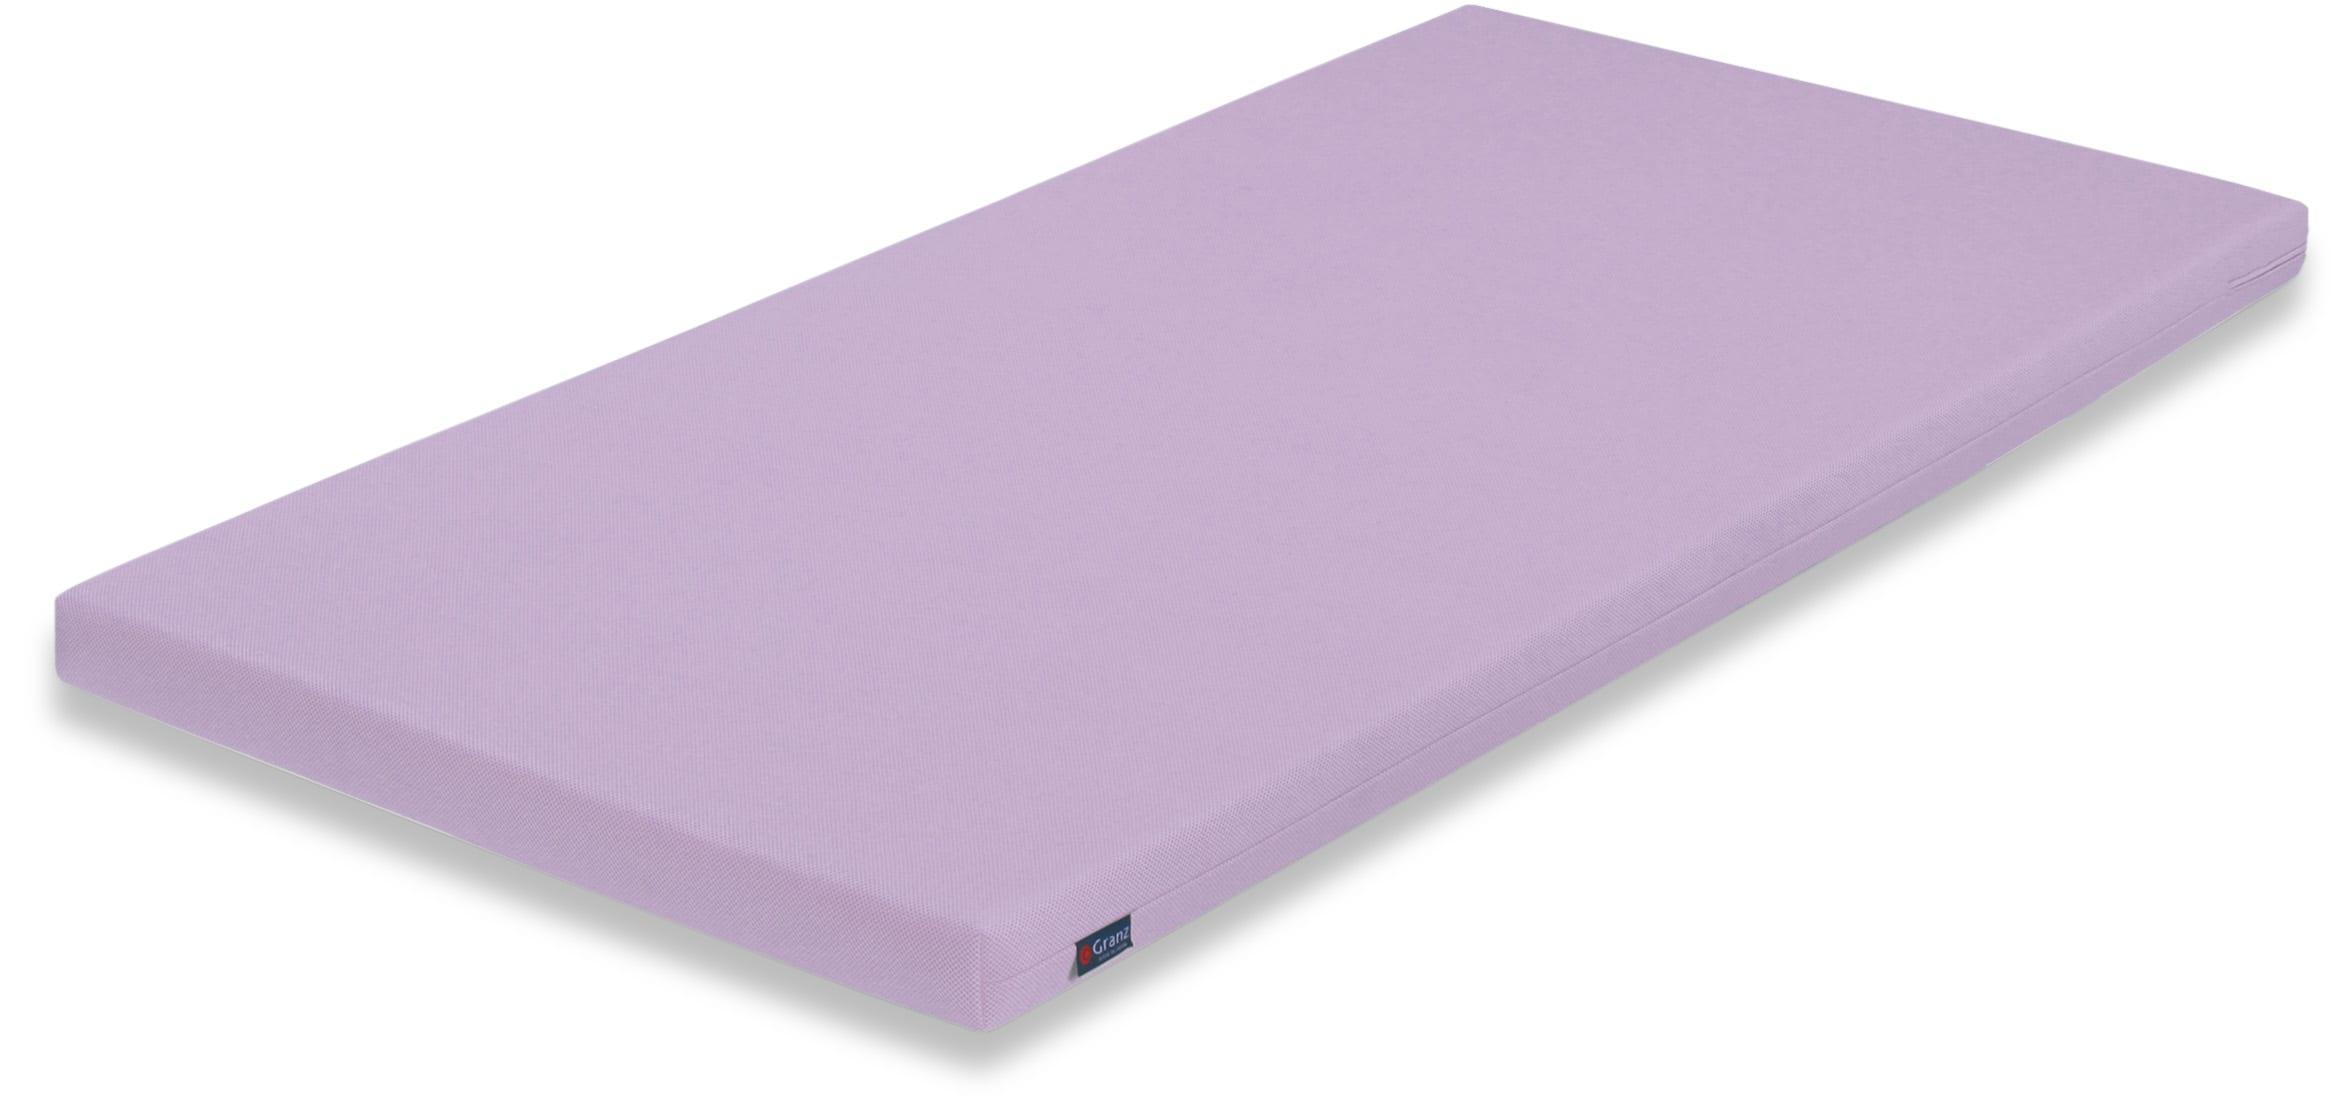 薄型マットレス カラーポケット PUパープル:《システムベッドのマットレスにおすすめ》